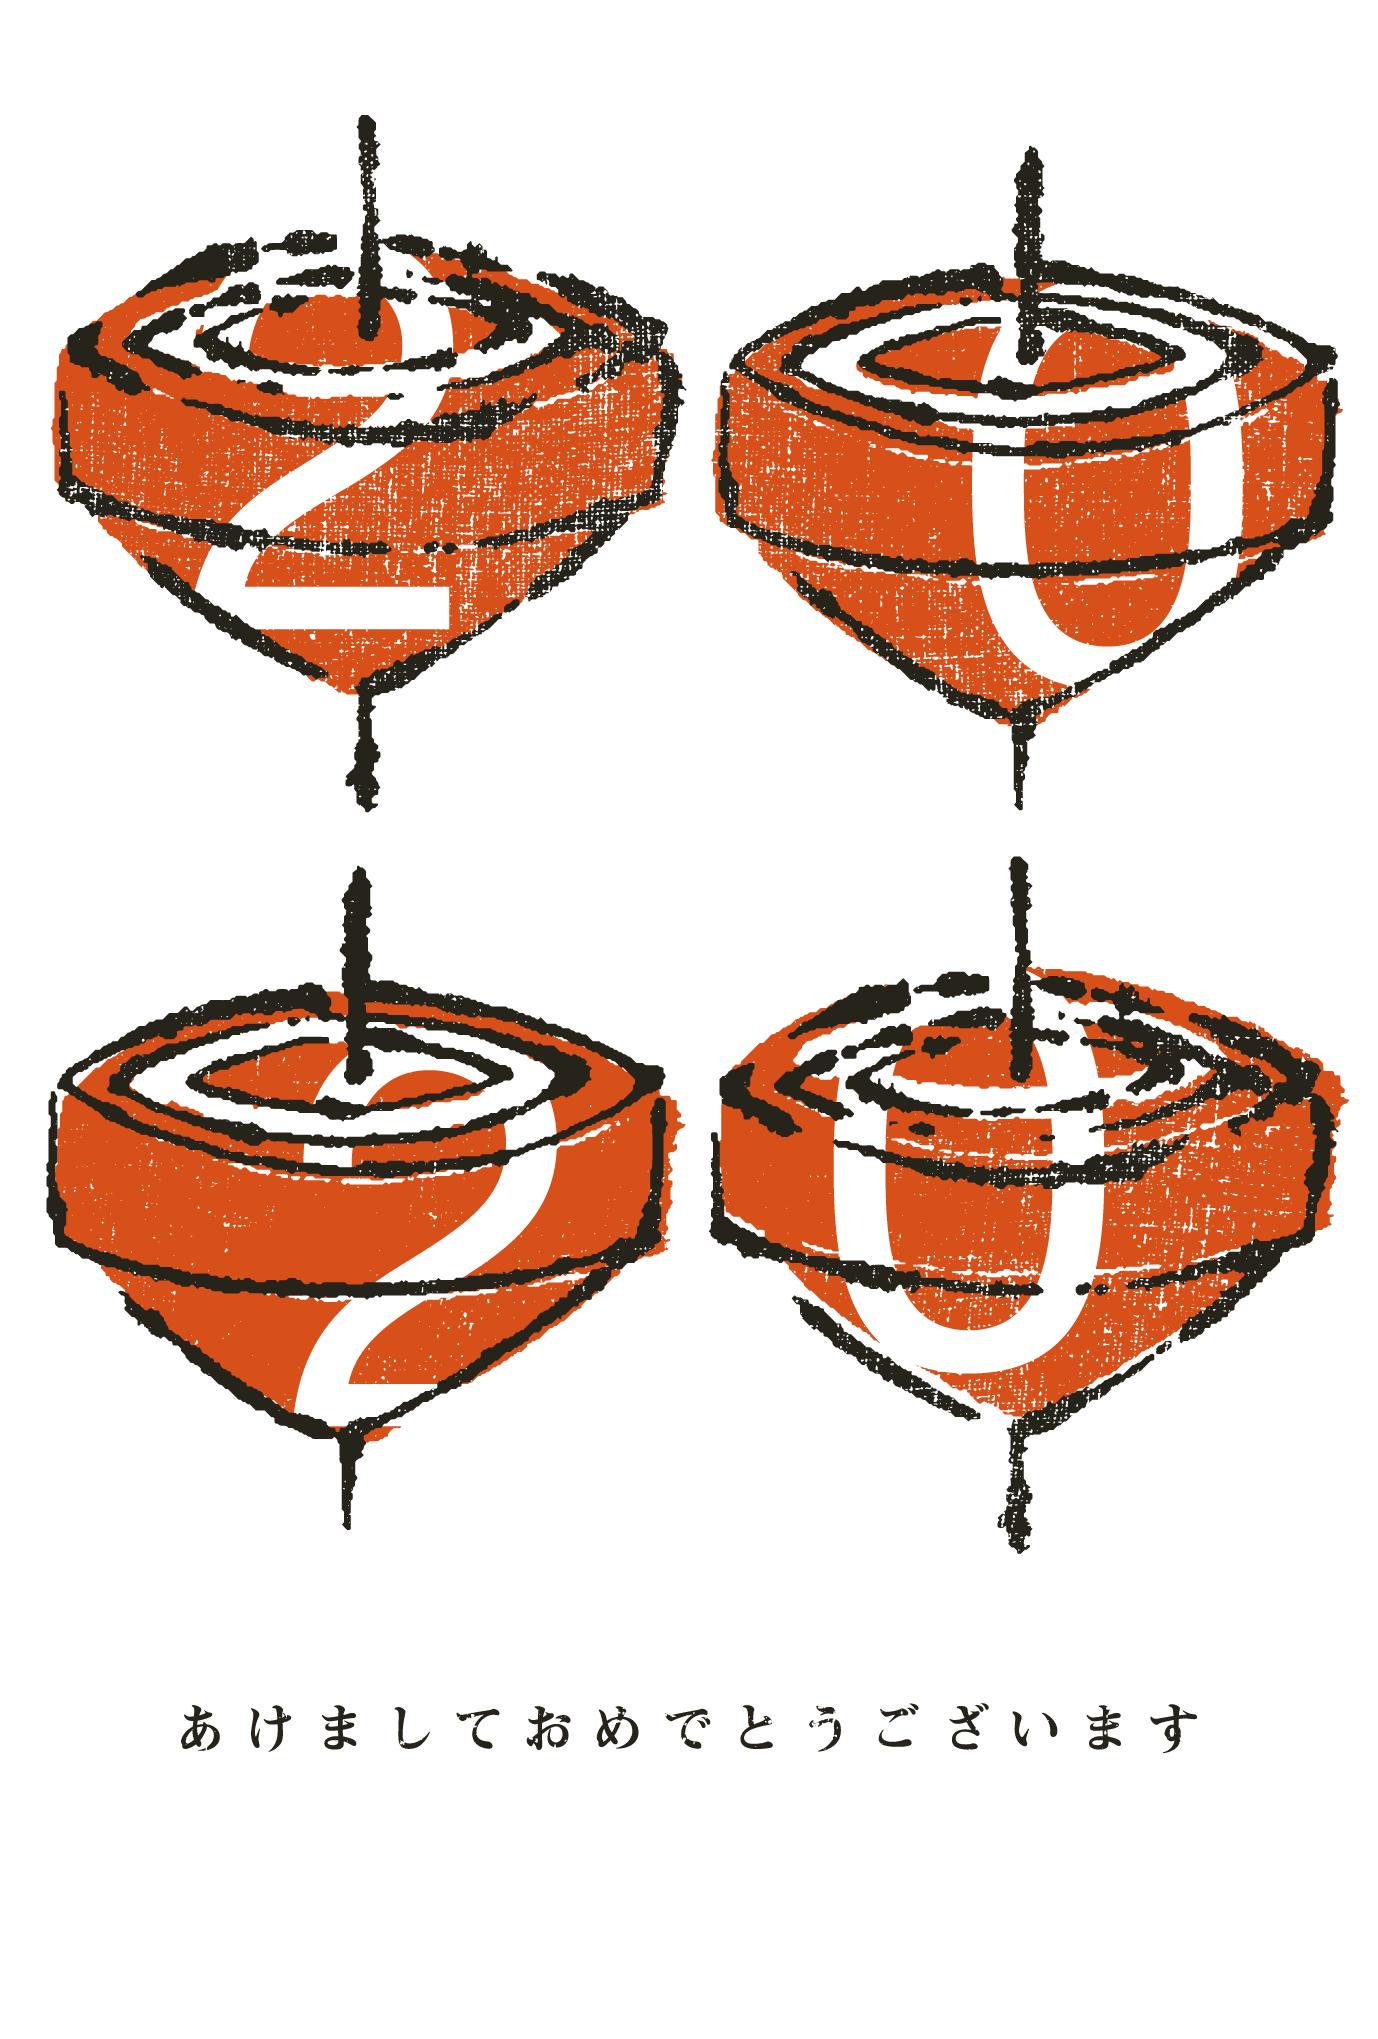 2020年賀状02-1:独り楽し 2020 / 赤のダウンロード画像